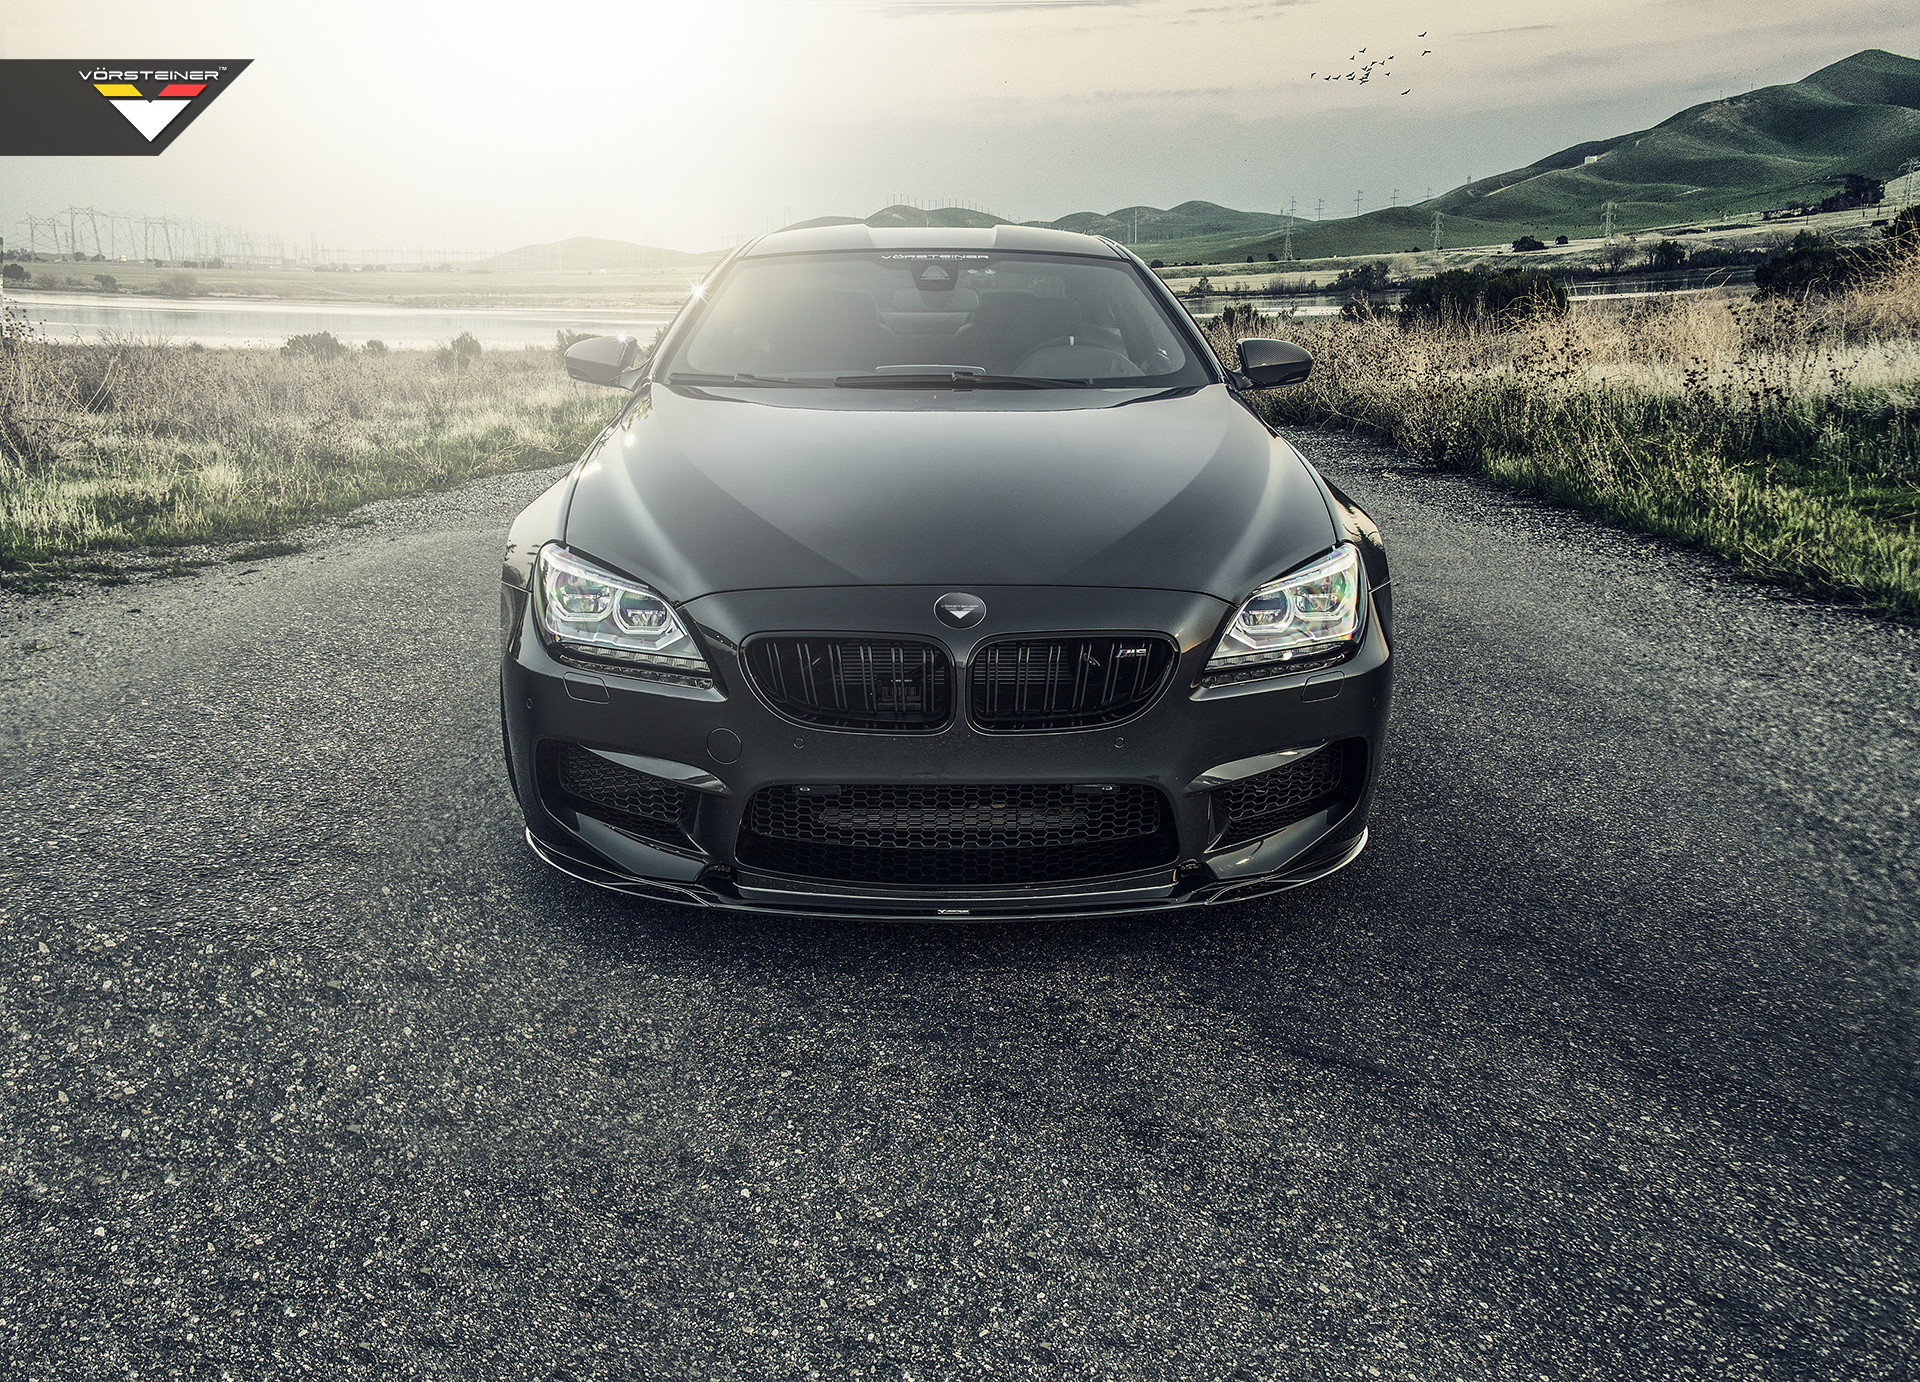 Vorsteiner_BMW_F13M6_GTSV_VSE003 (2)